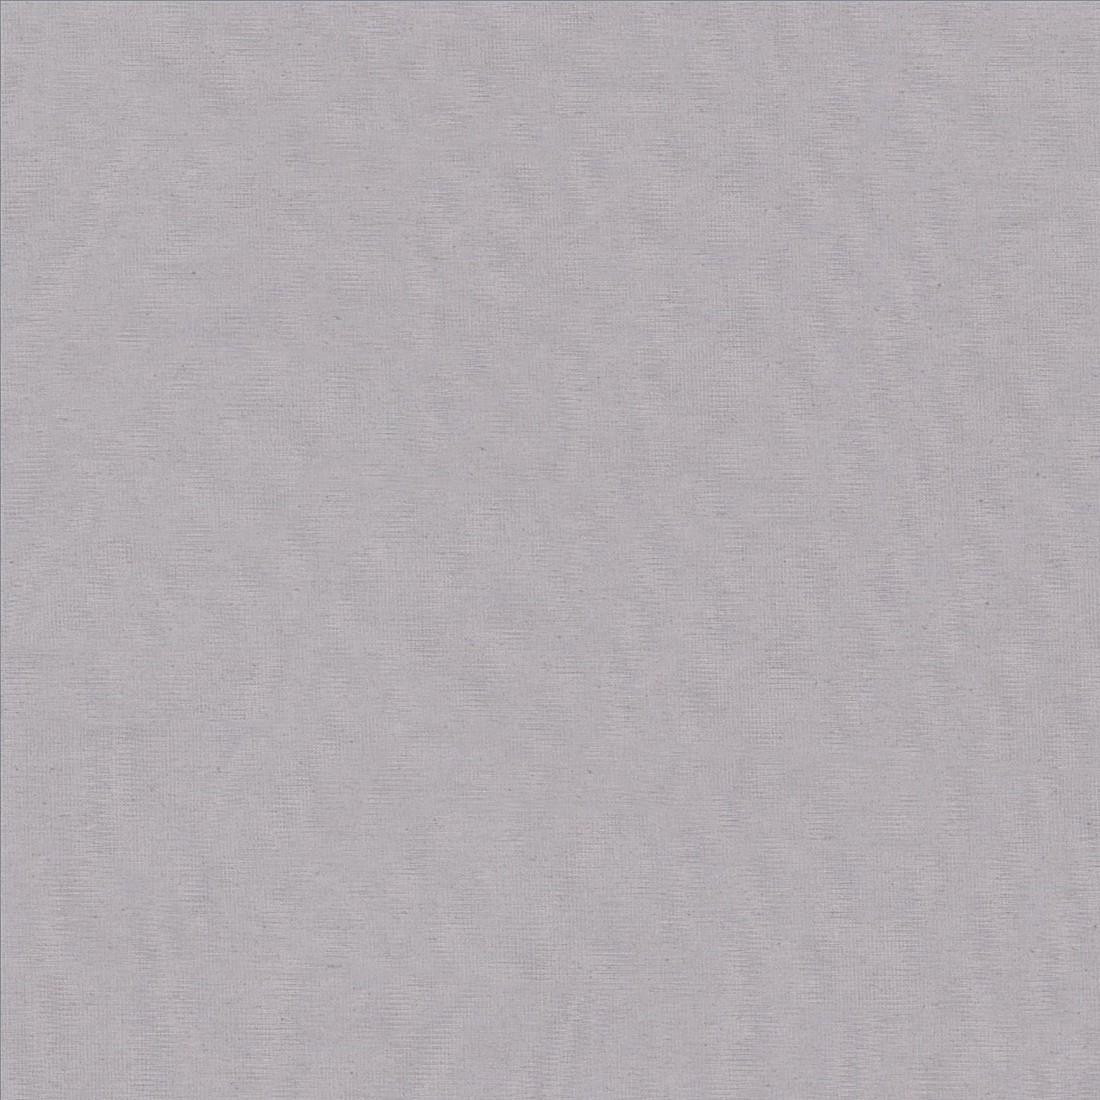 Tischdecke Country – Haselnuss – 125 x 125 cm, Villeroy&Boch jetzt bestellen